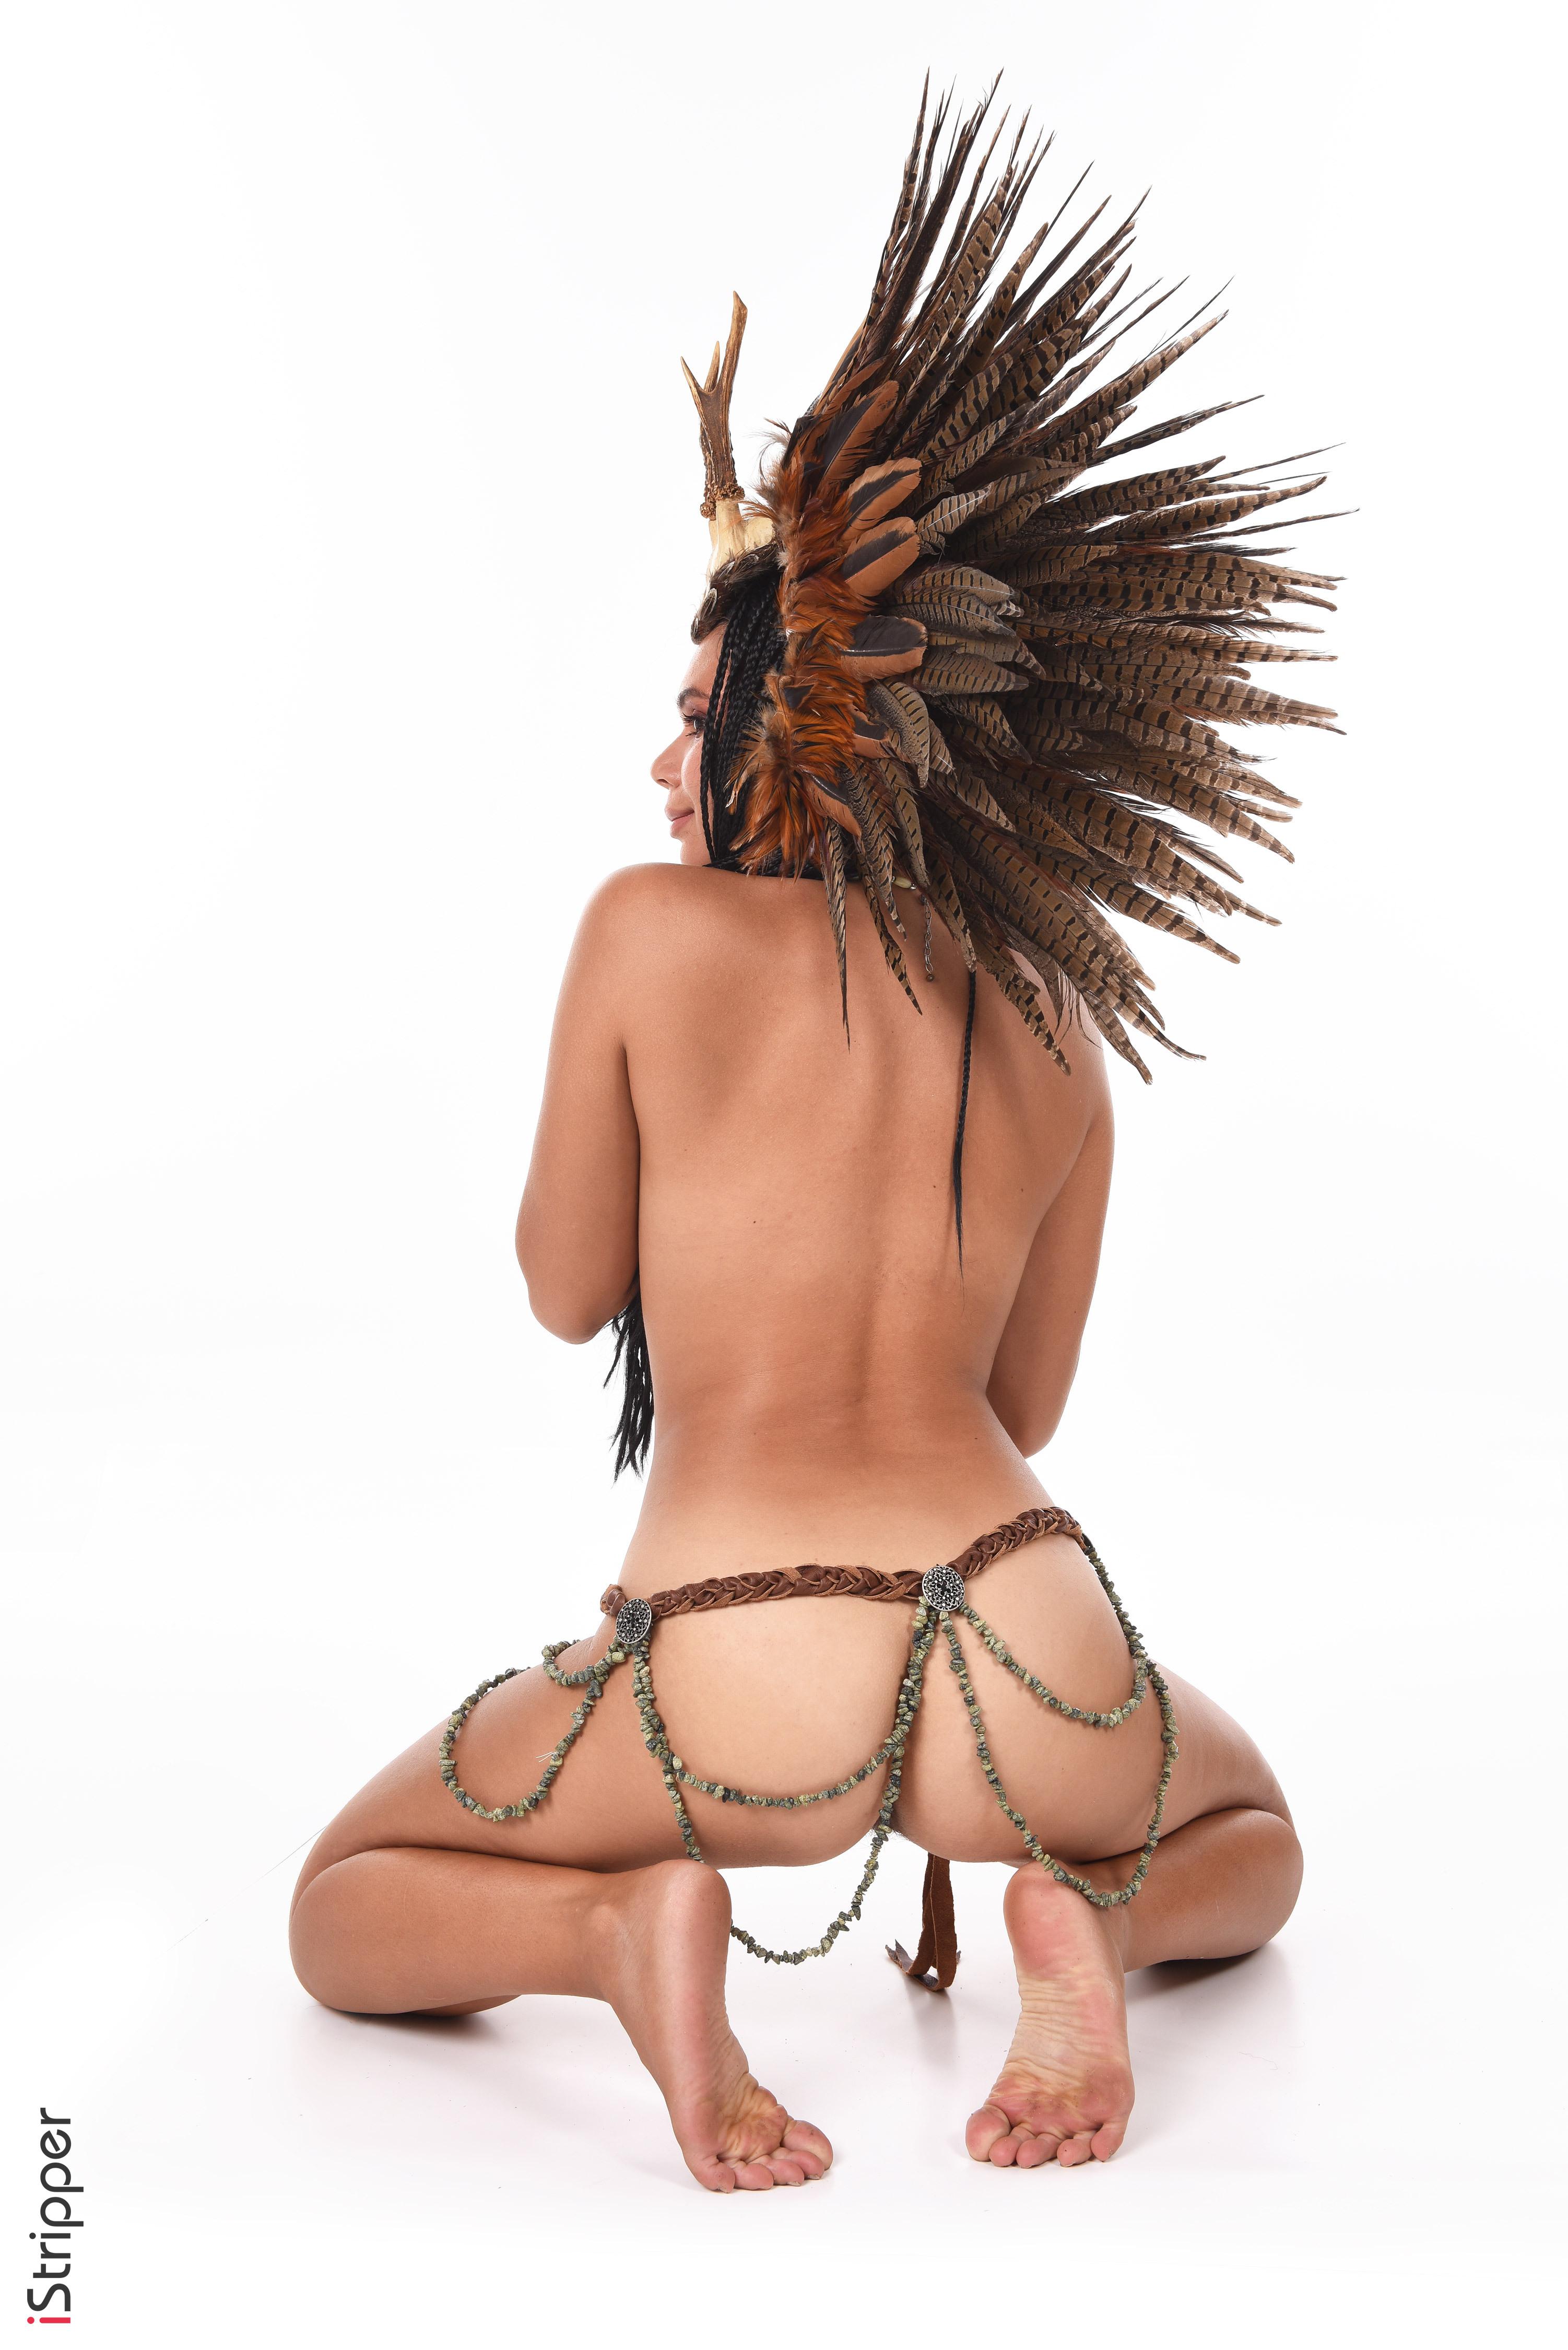 naked girls background